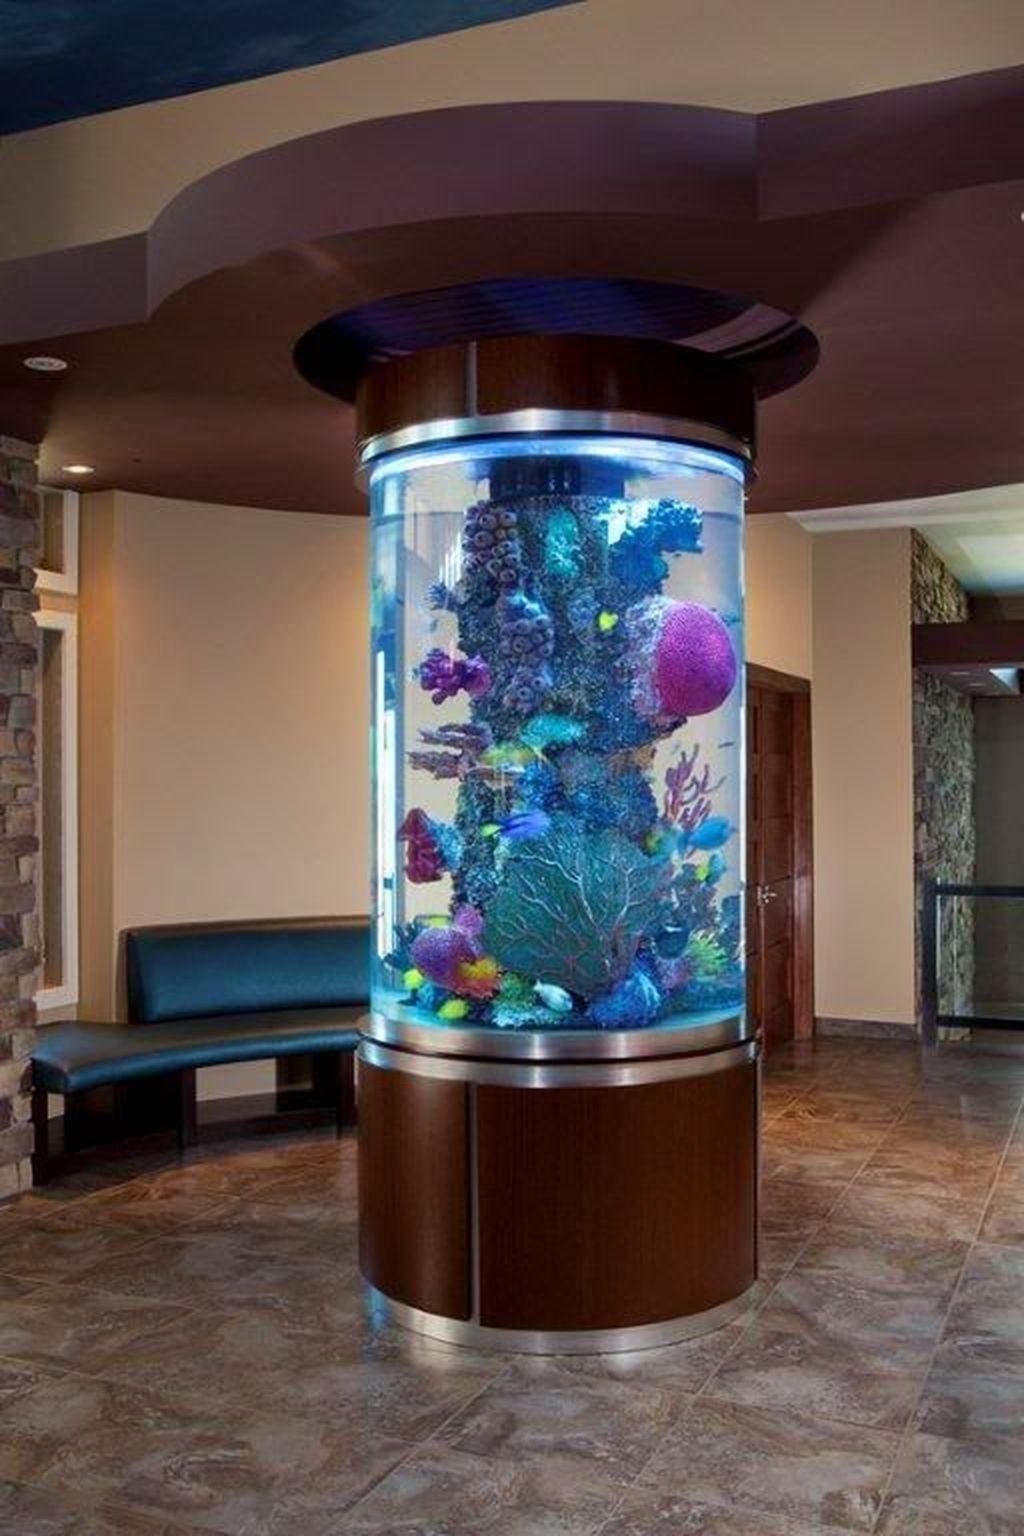 36 Fascinating Aquarium Design Ideas That Make Your Home Look